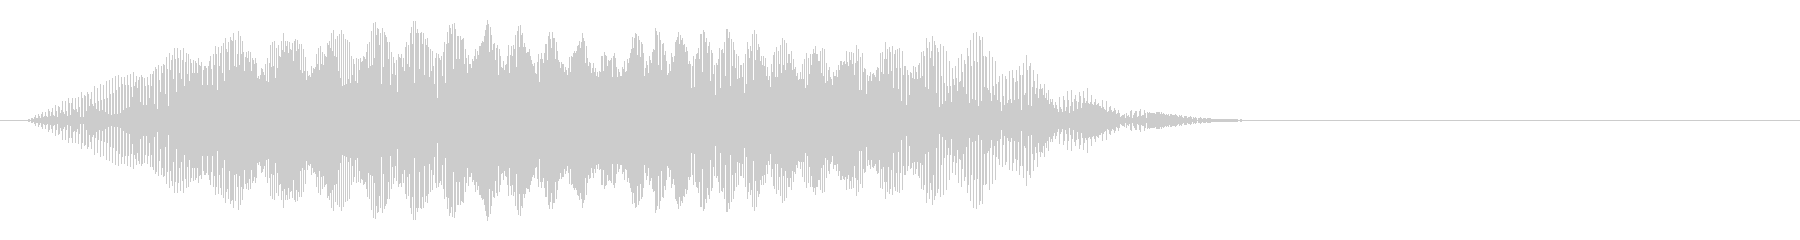 ヒュイ~_コミカルな投げる音の未再生の波形